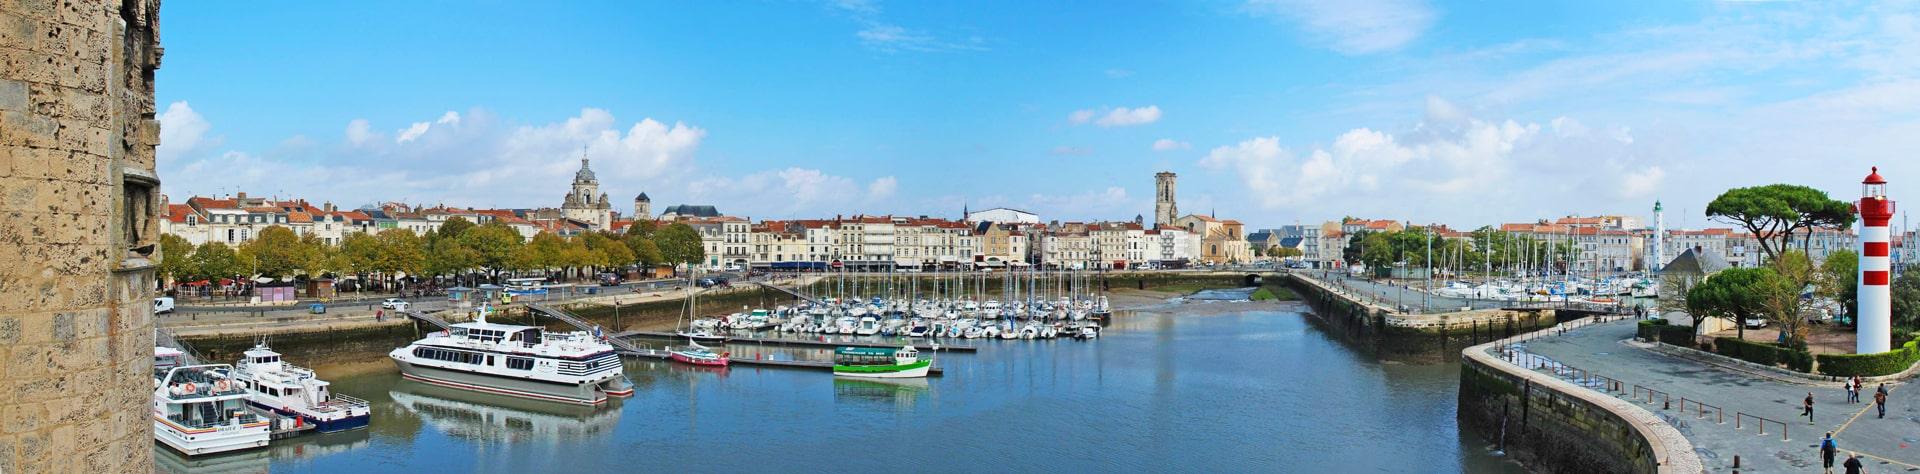 Campamento de verano de francés y catamarán o windsurf en La Rochelle, Francia